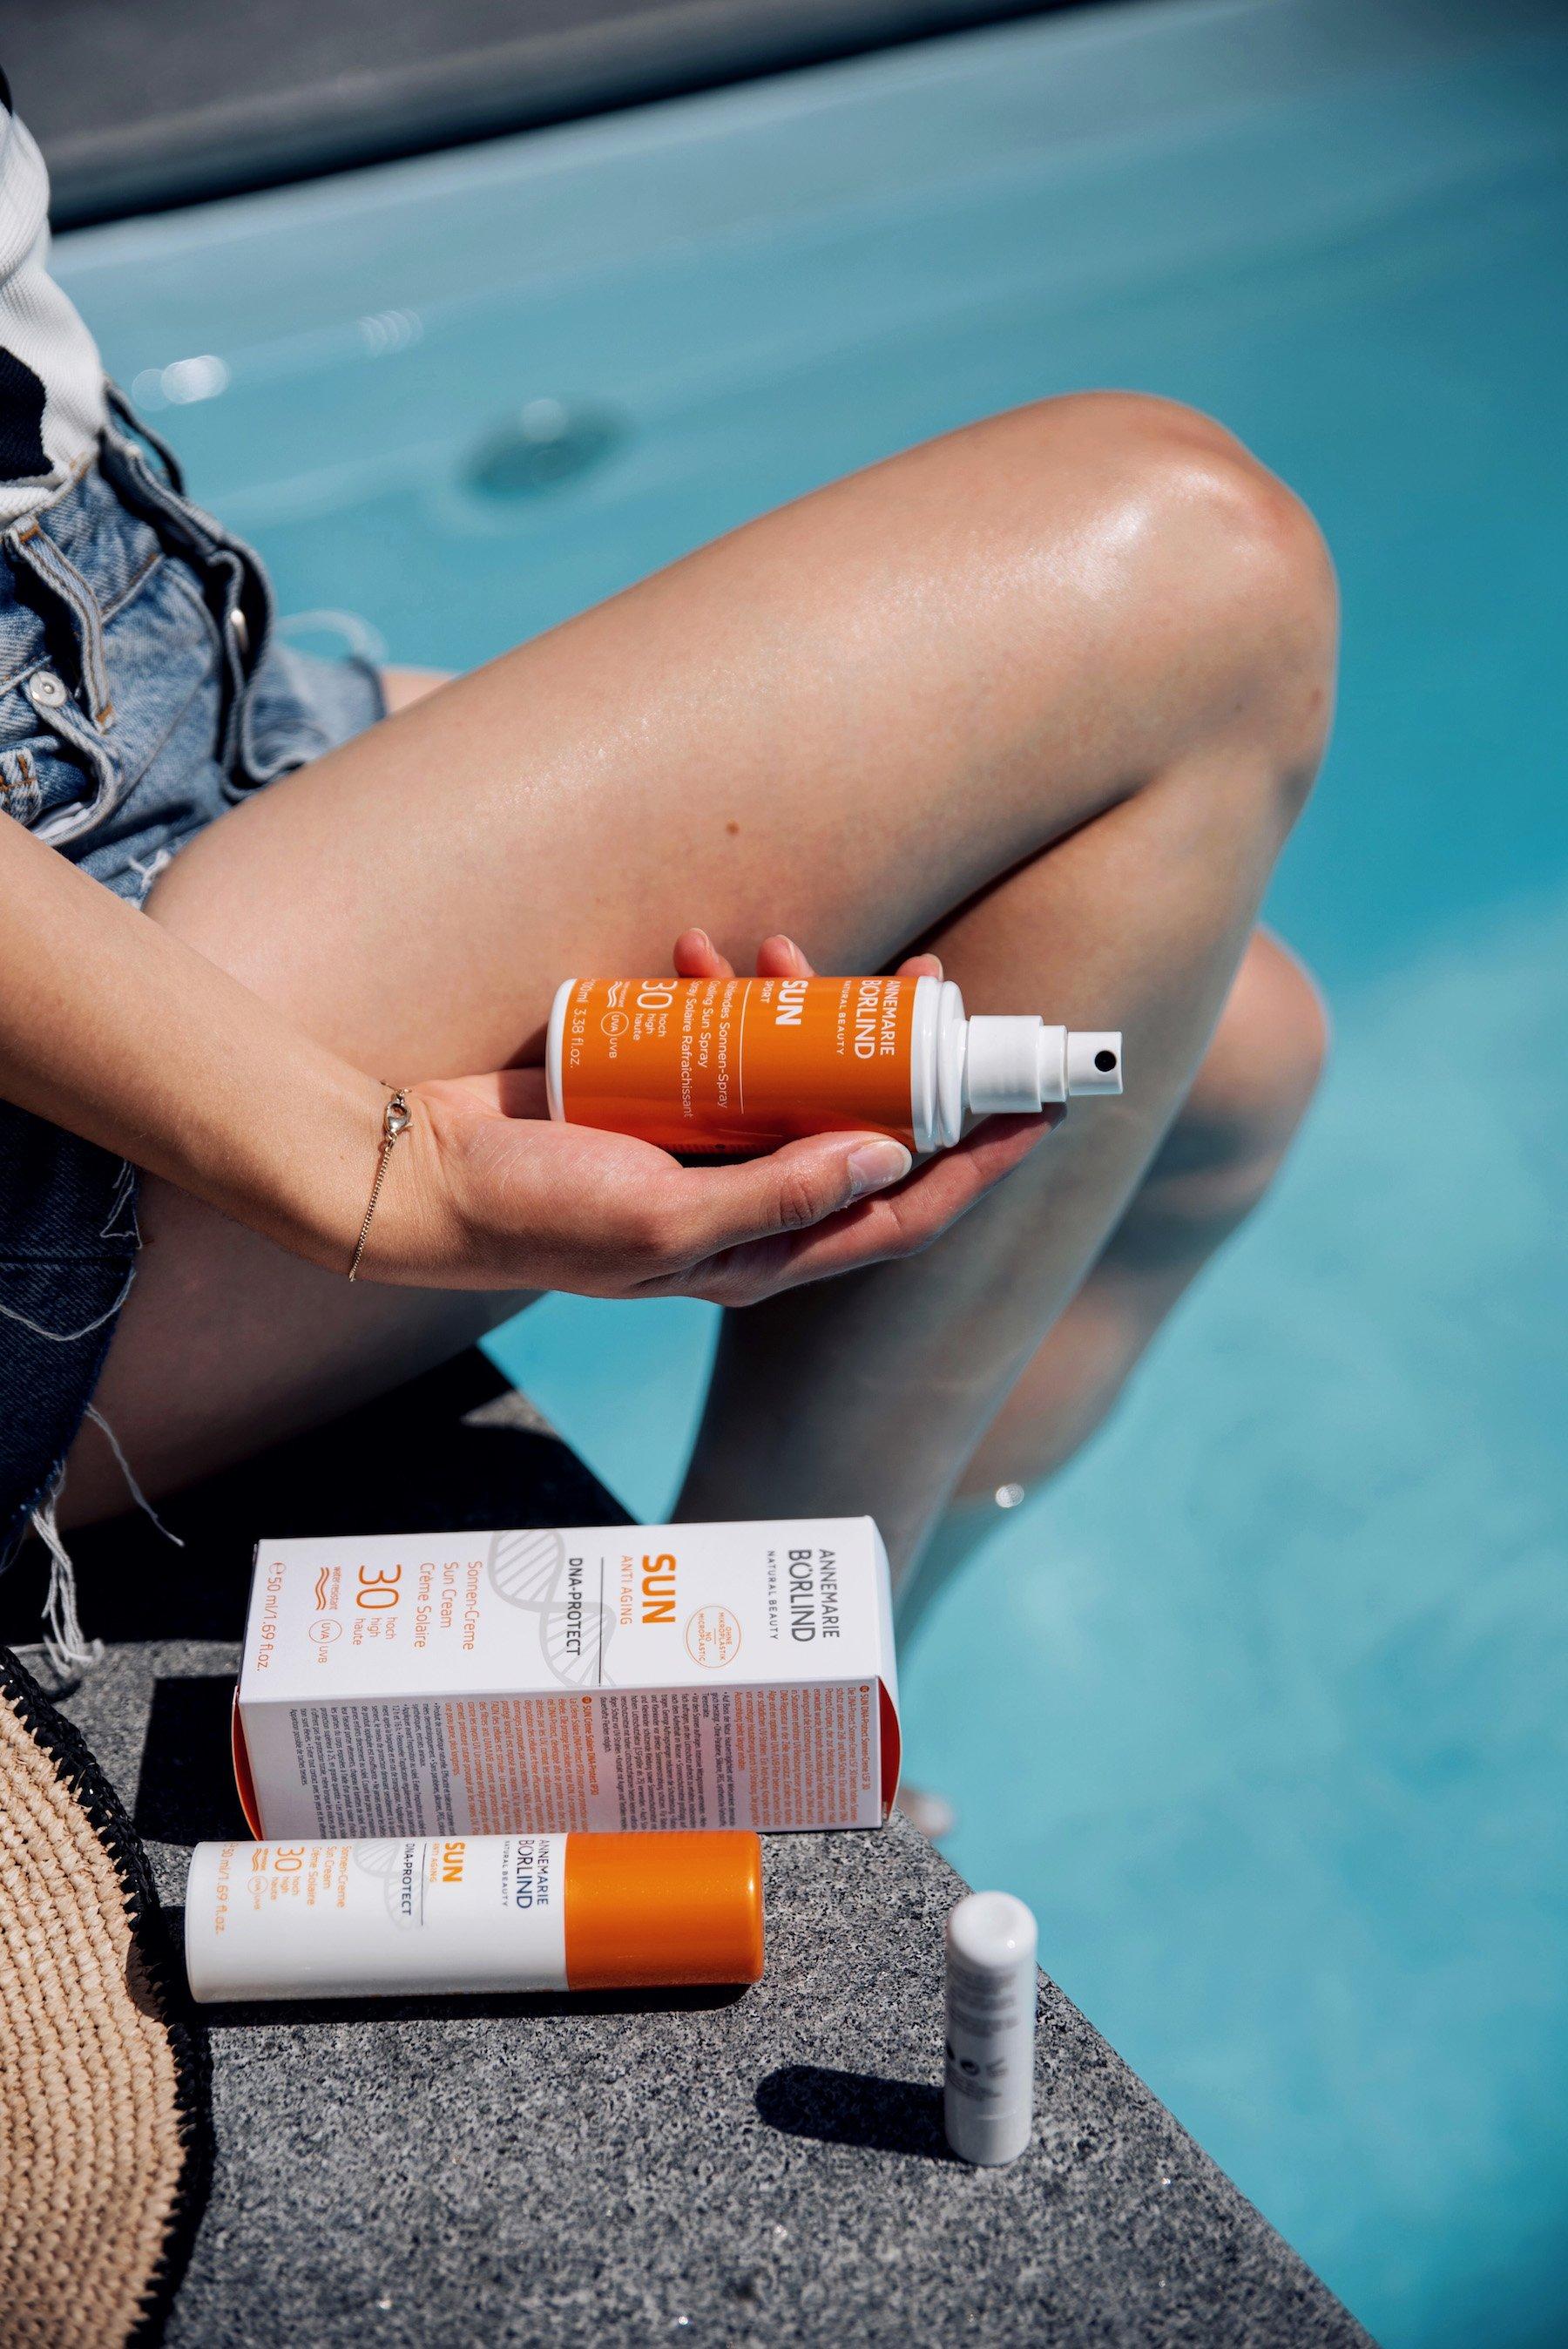 Sommer, Sonne, Sonnenschein - Meine ganz persönlichen Sonnenpflege-Favoriten und Anti-Sonnenbrand Tipps